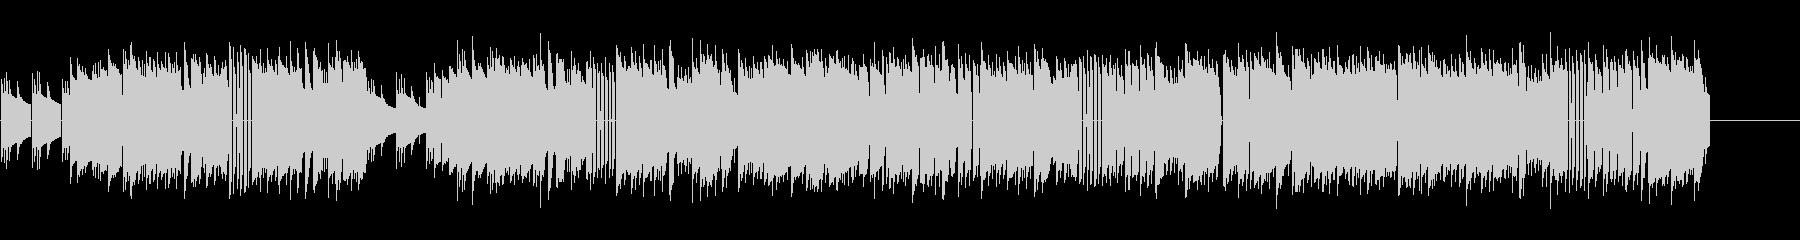 「結婚行進曲」8bit verの未再生の波形